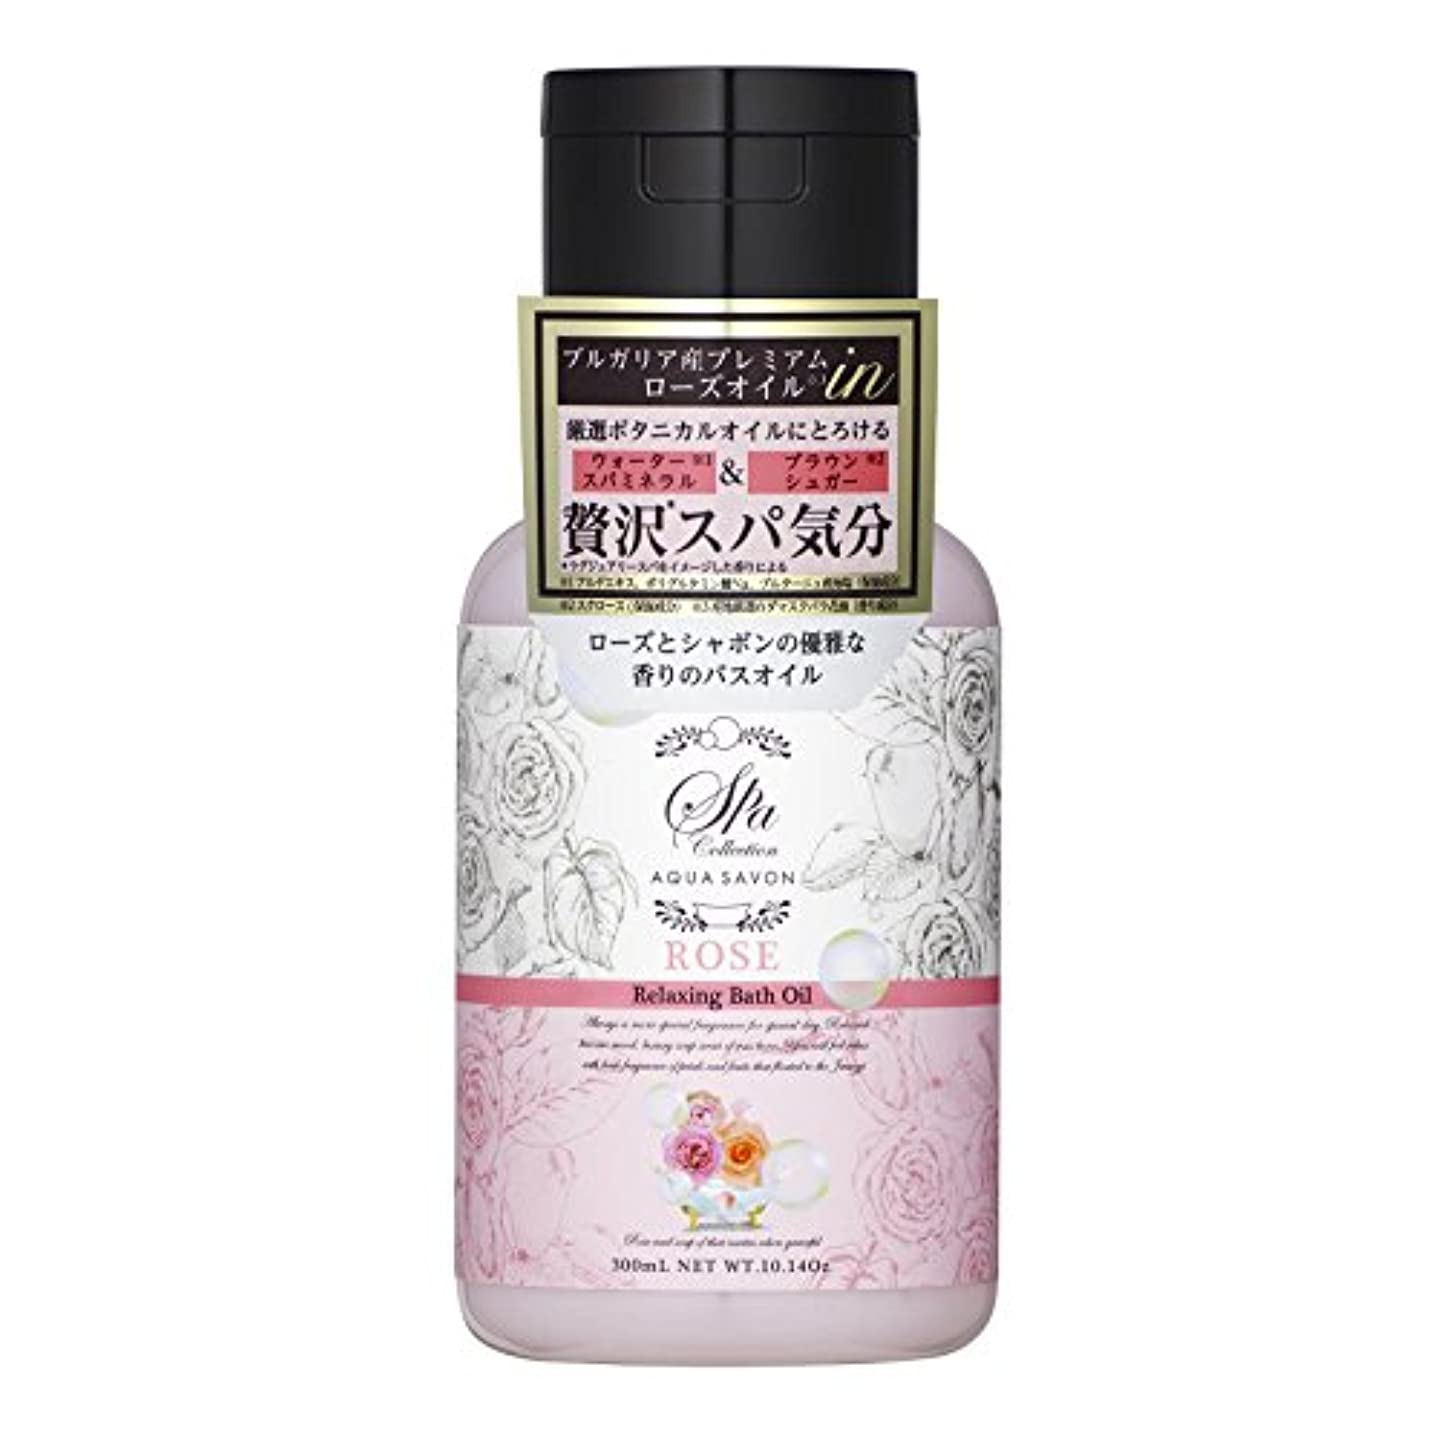 日光乳白独占アクアシャボン スパコレクション リラクシングバスオイル ローズスパの香り 300mL